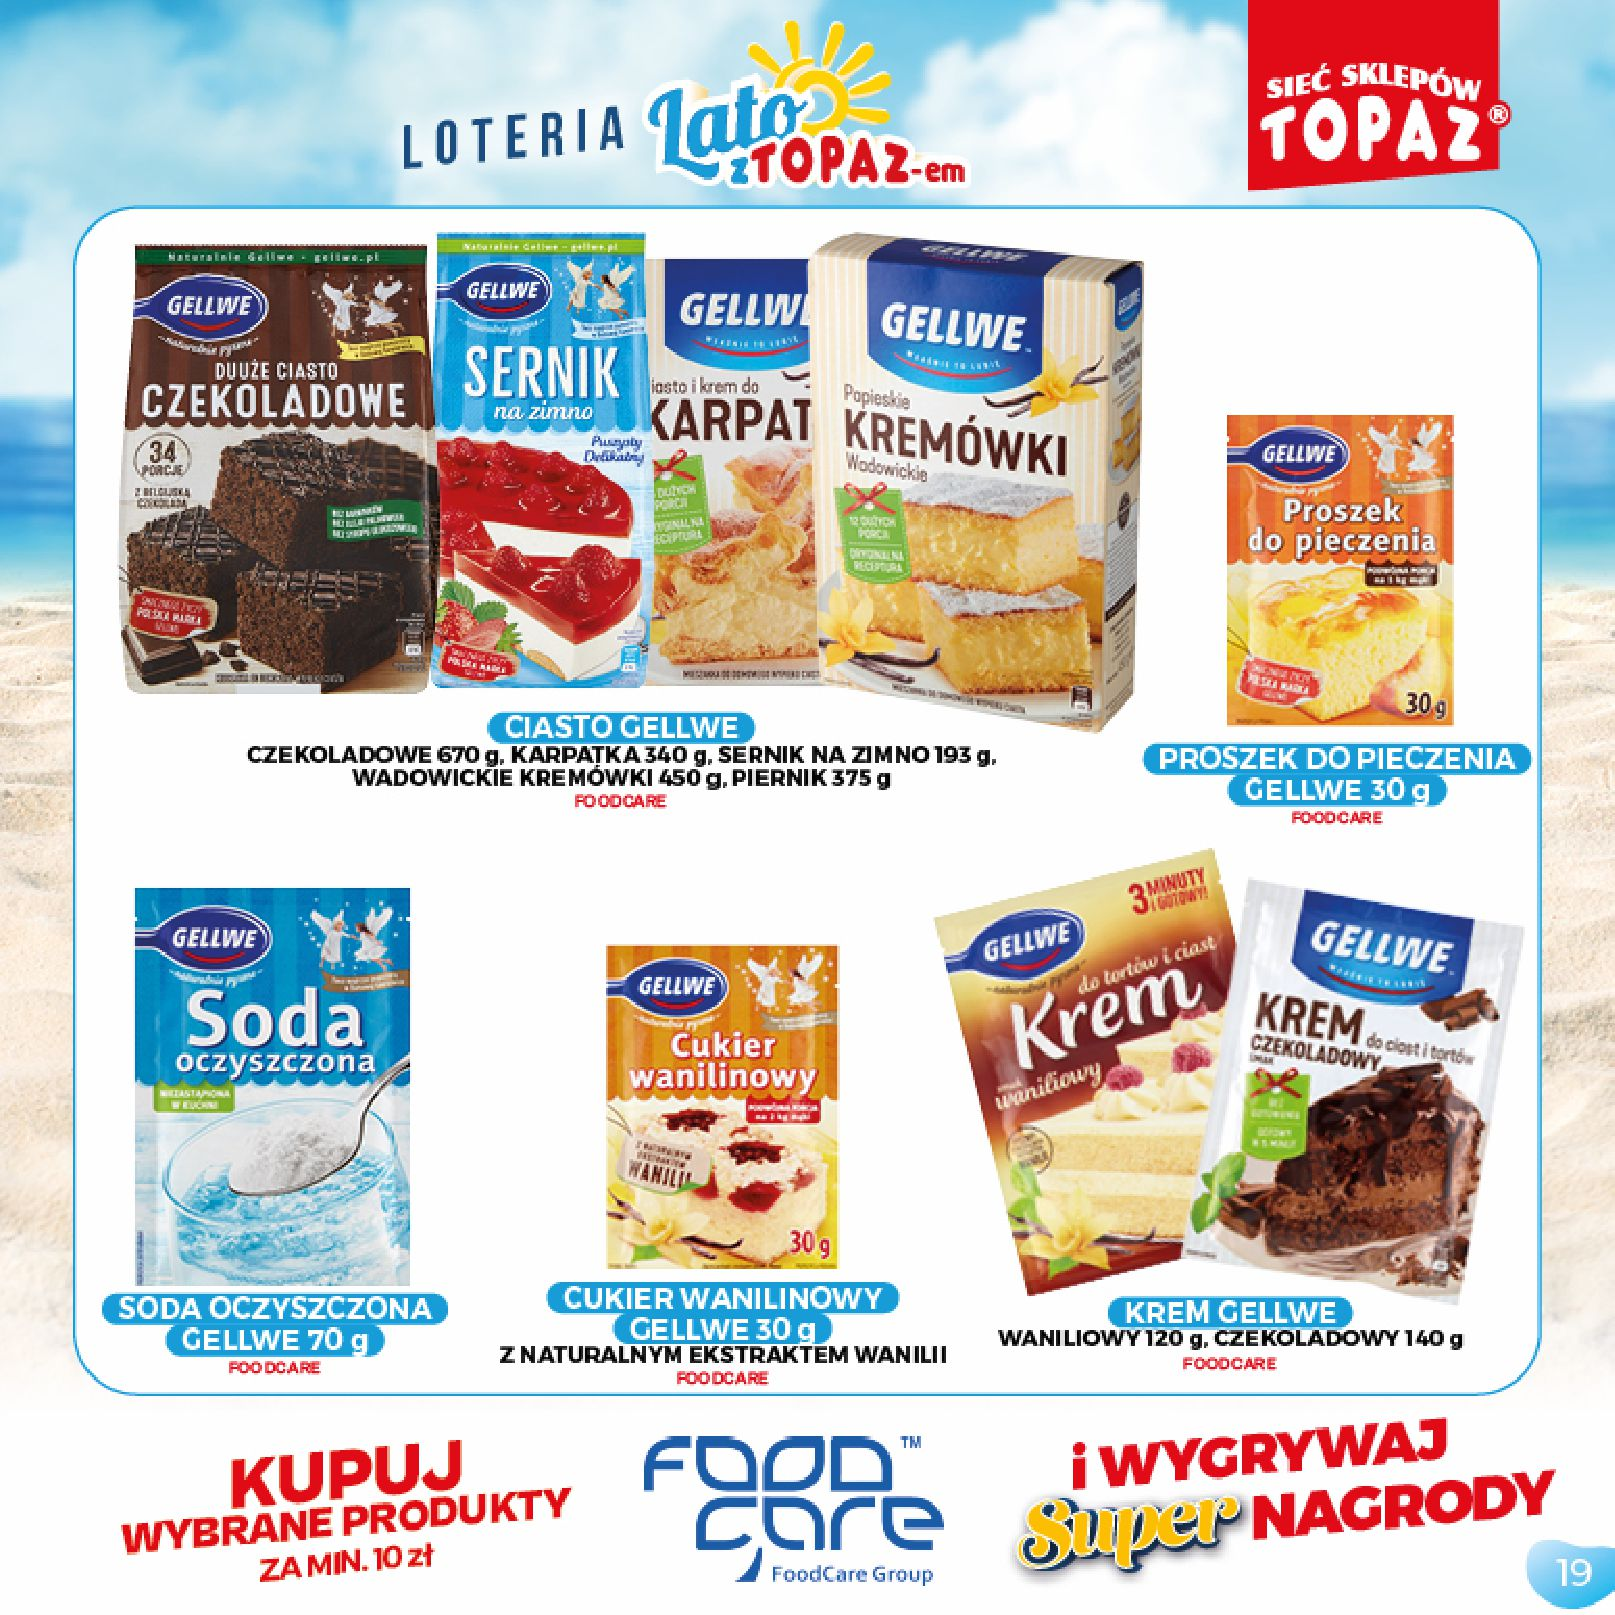 Gazetka TOPAZ: Gazetka TOPAZ - Loteria 2021-07-05 page-19